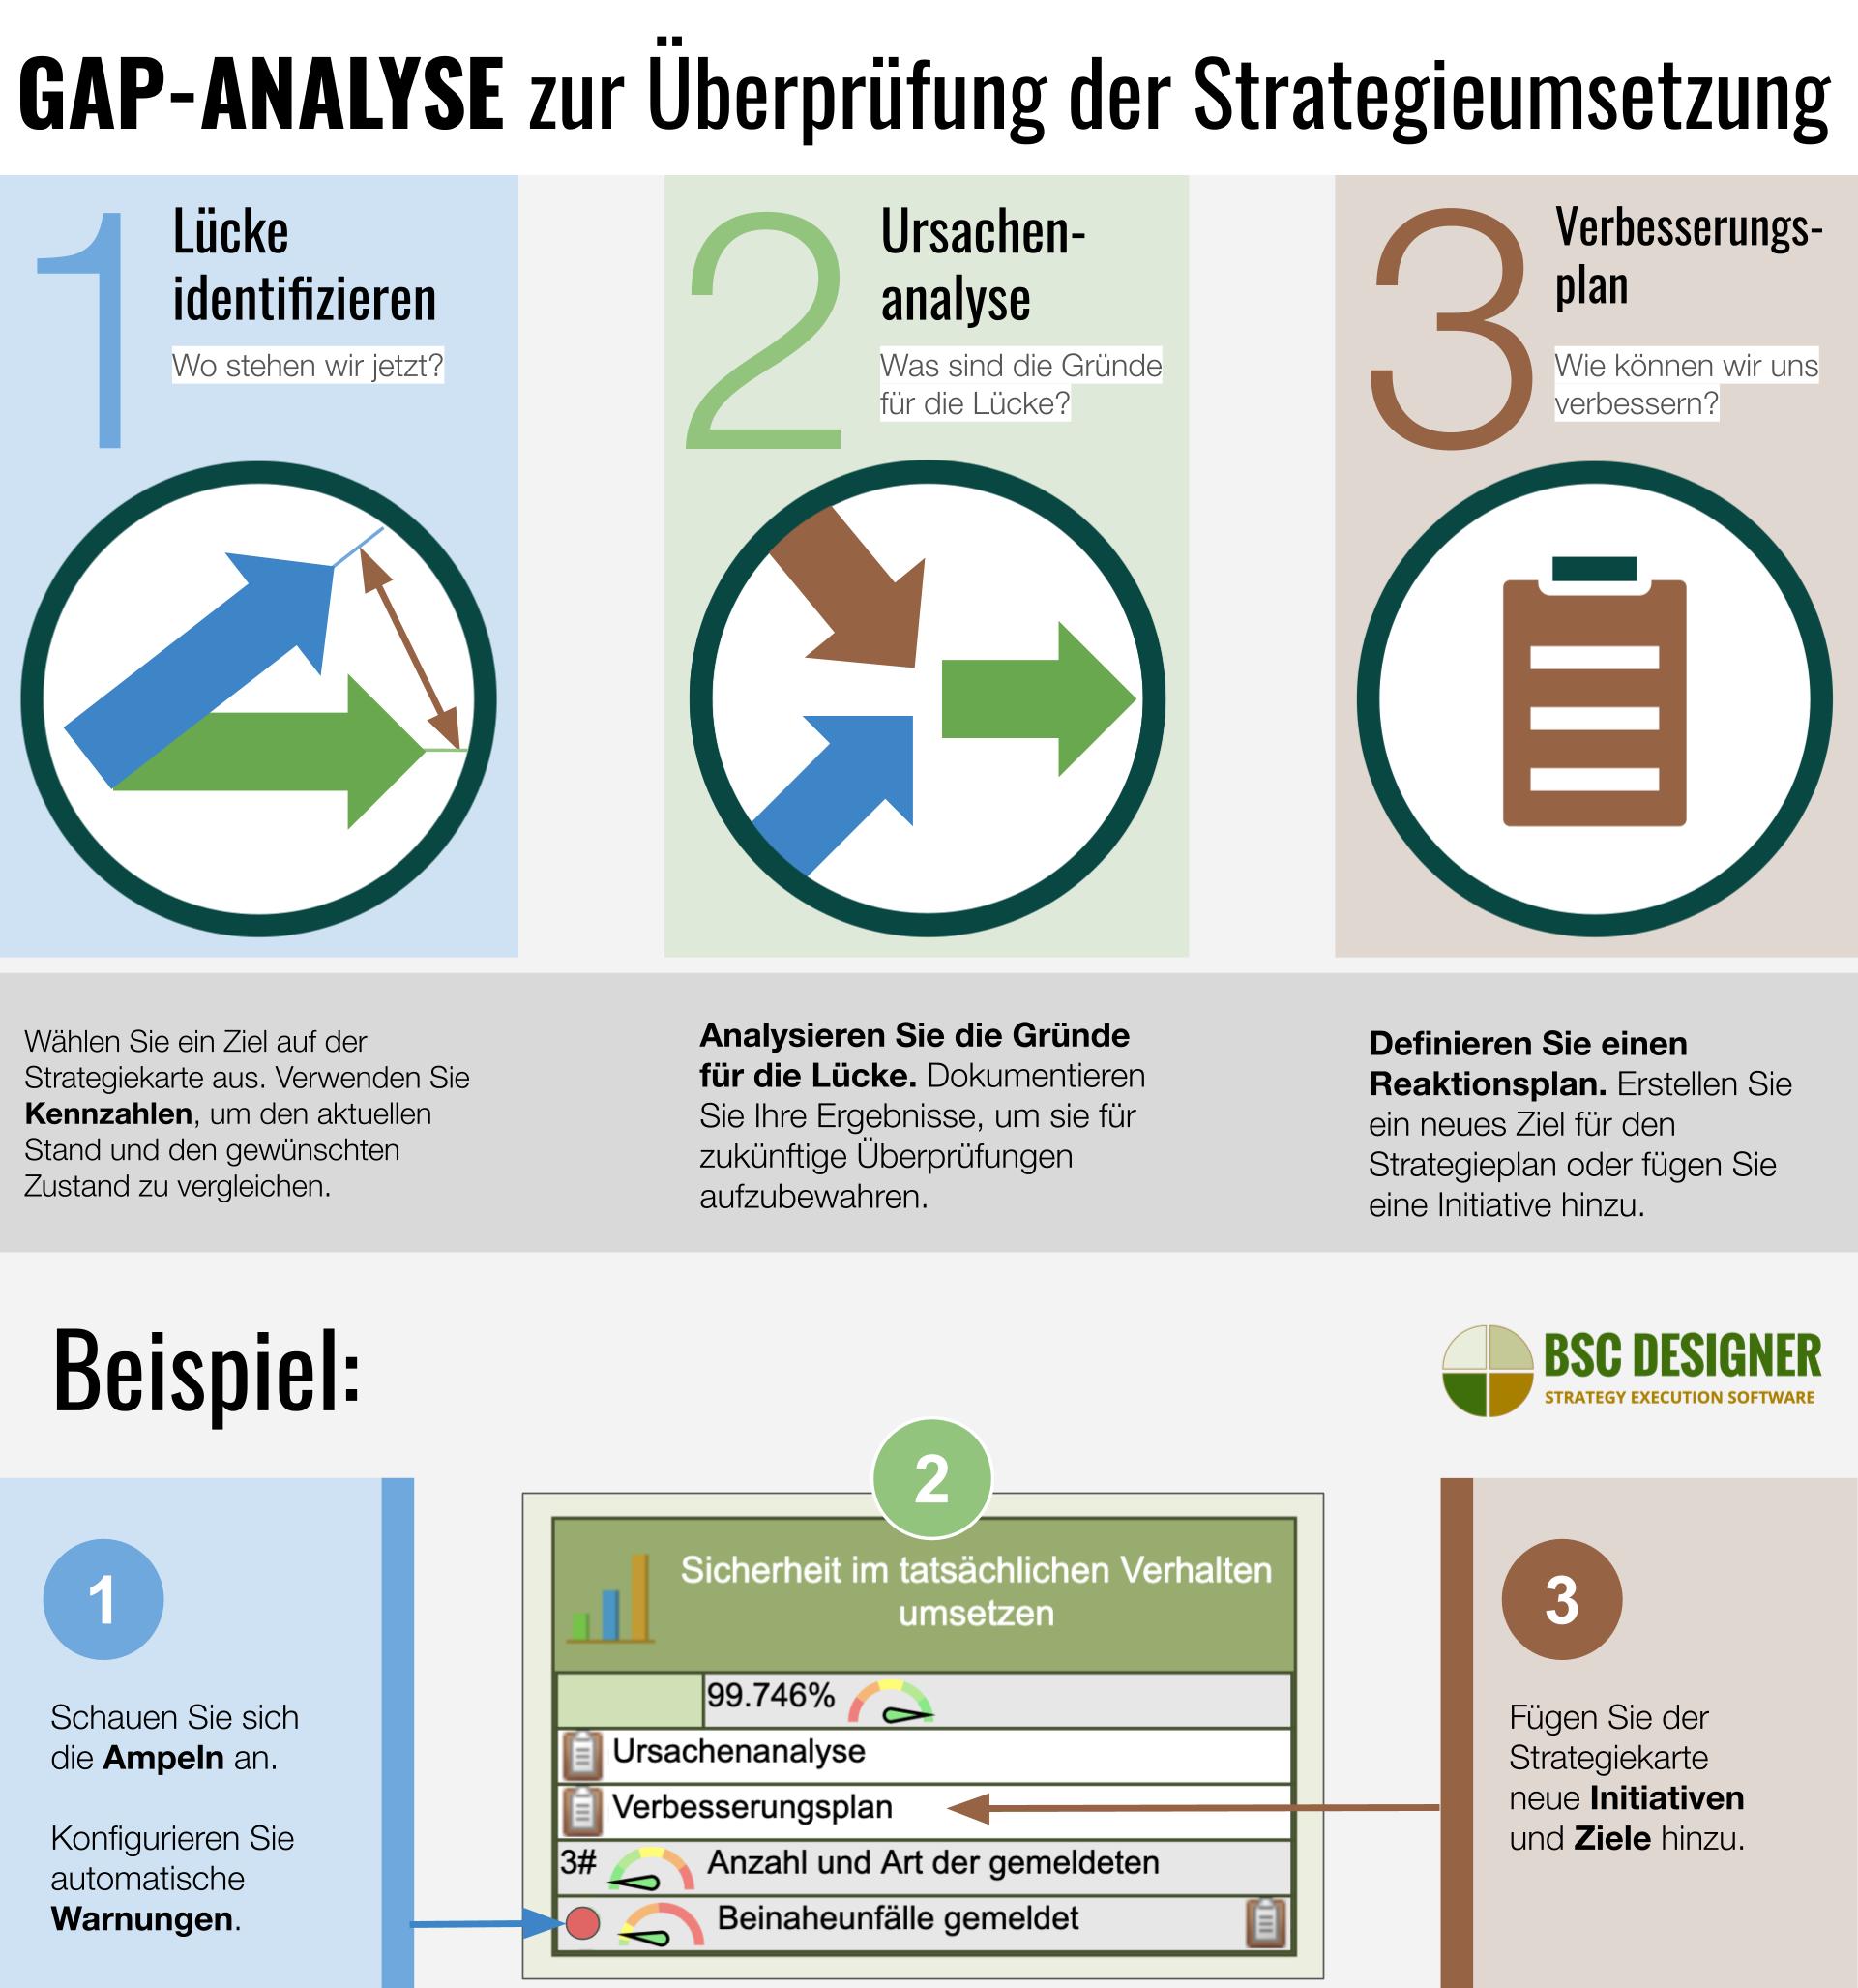 Gap-Analyse zur Strategieausführung